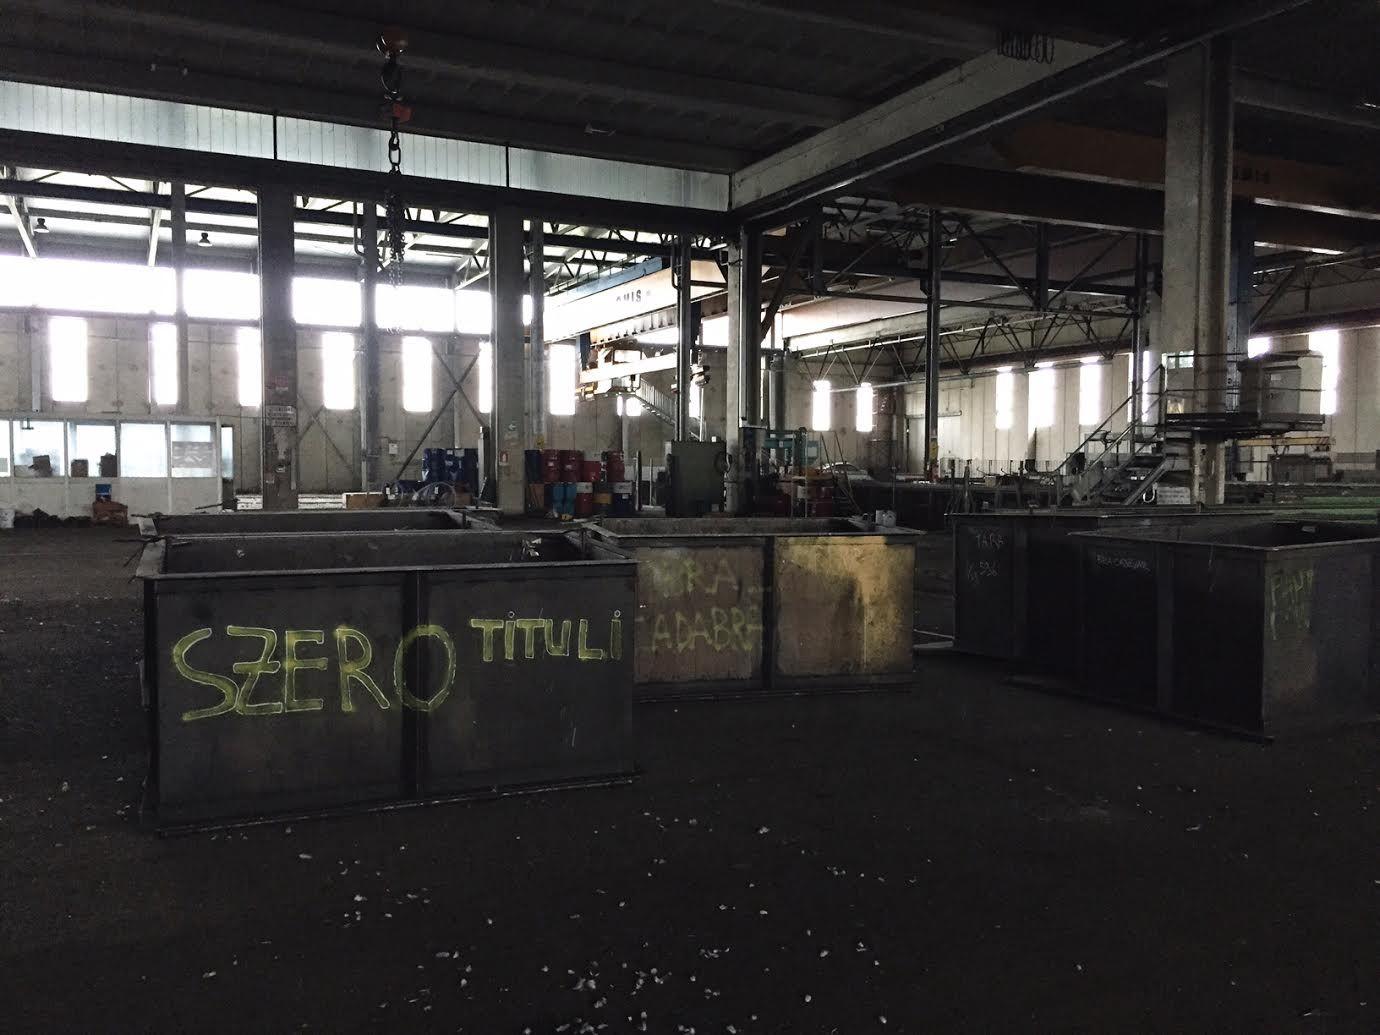 Viaggiamo l'Italia in lungo e in largo, e a volte ci capita di trovarci immersi in scenari industriali molto affascinanti: per questo spesso condividiamo con voi quello che vediamo. Guardate cosa abbiamo trovato all'interno di una grande azienda siderurgica di Forlì che purtroppo ha dichiarato il fallimento. Un modo ironico per sdrammatizzare?